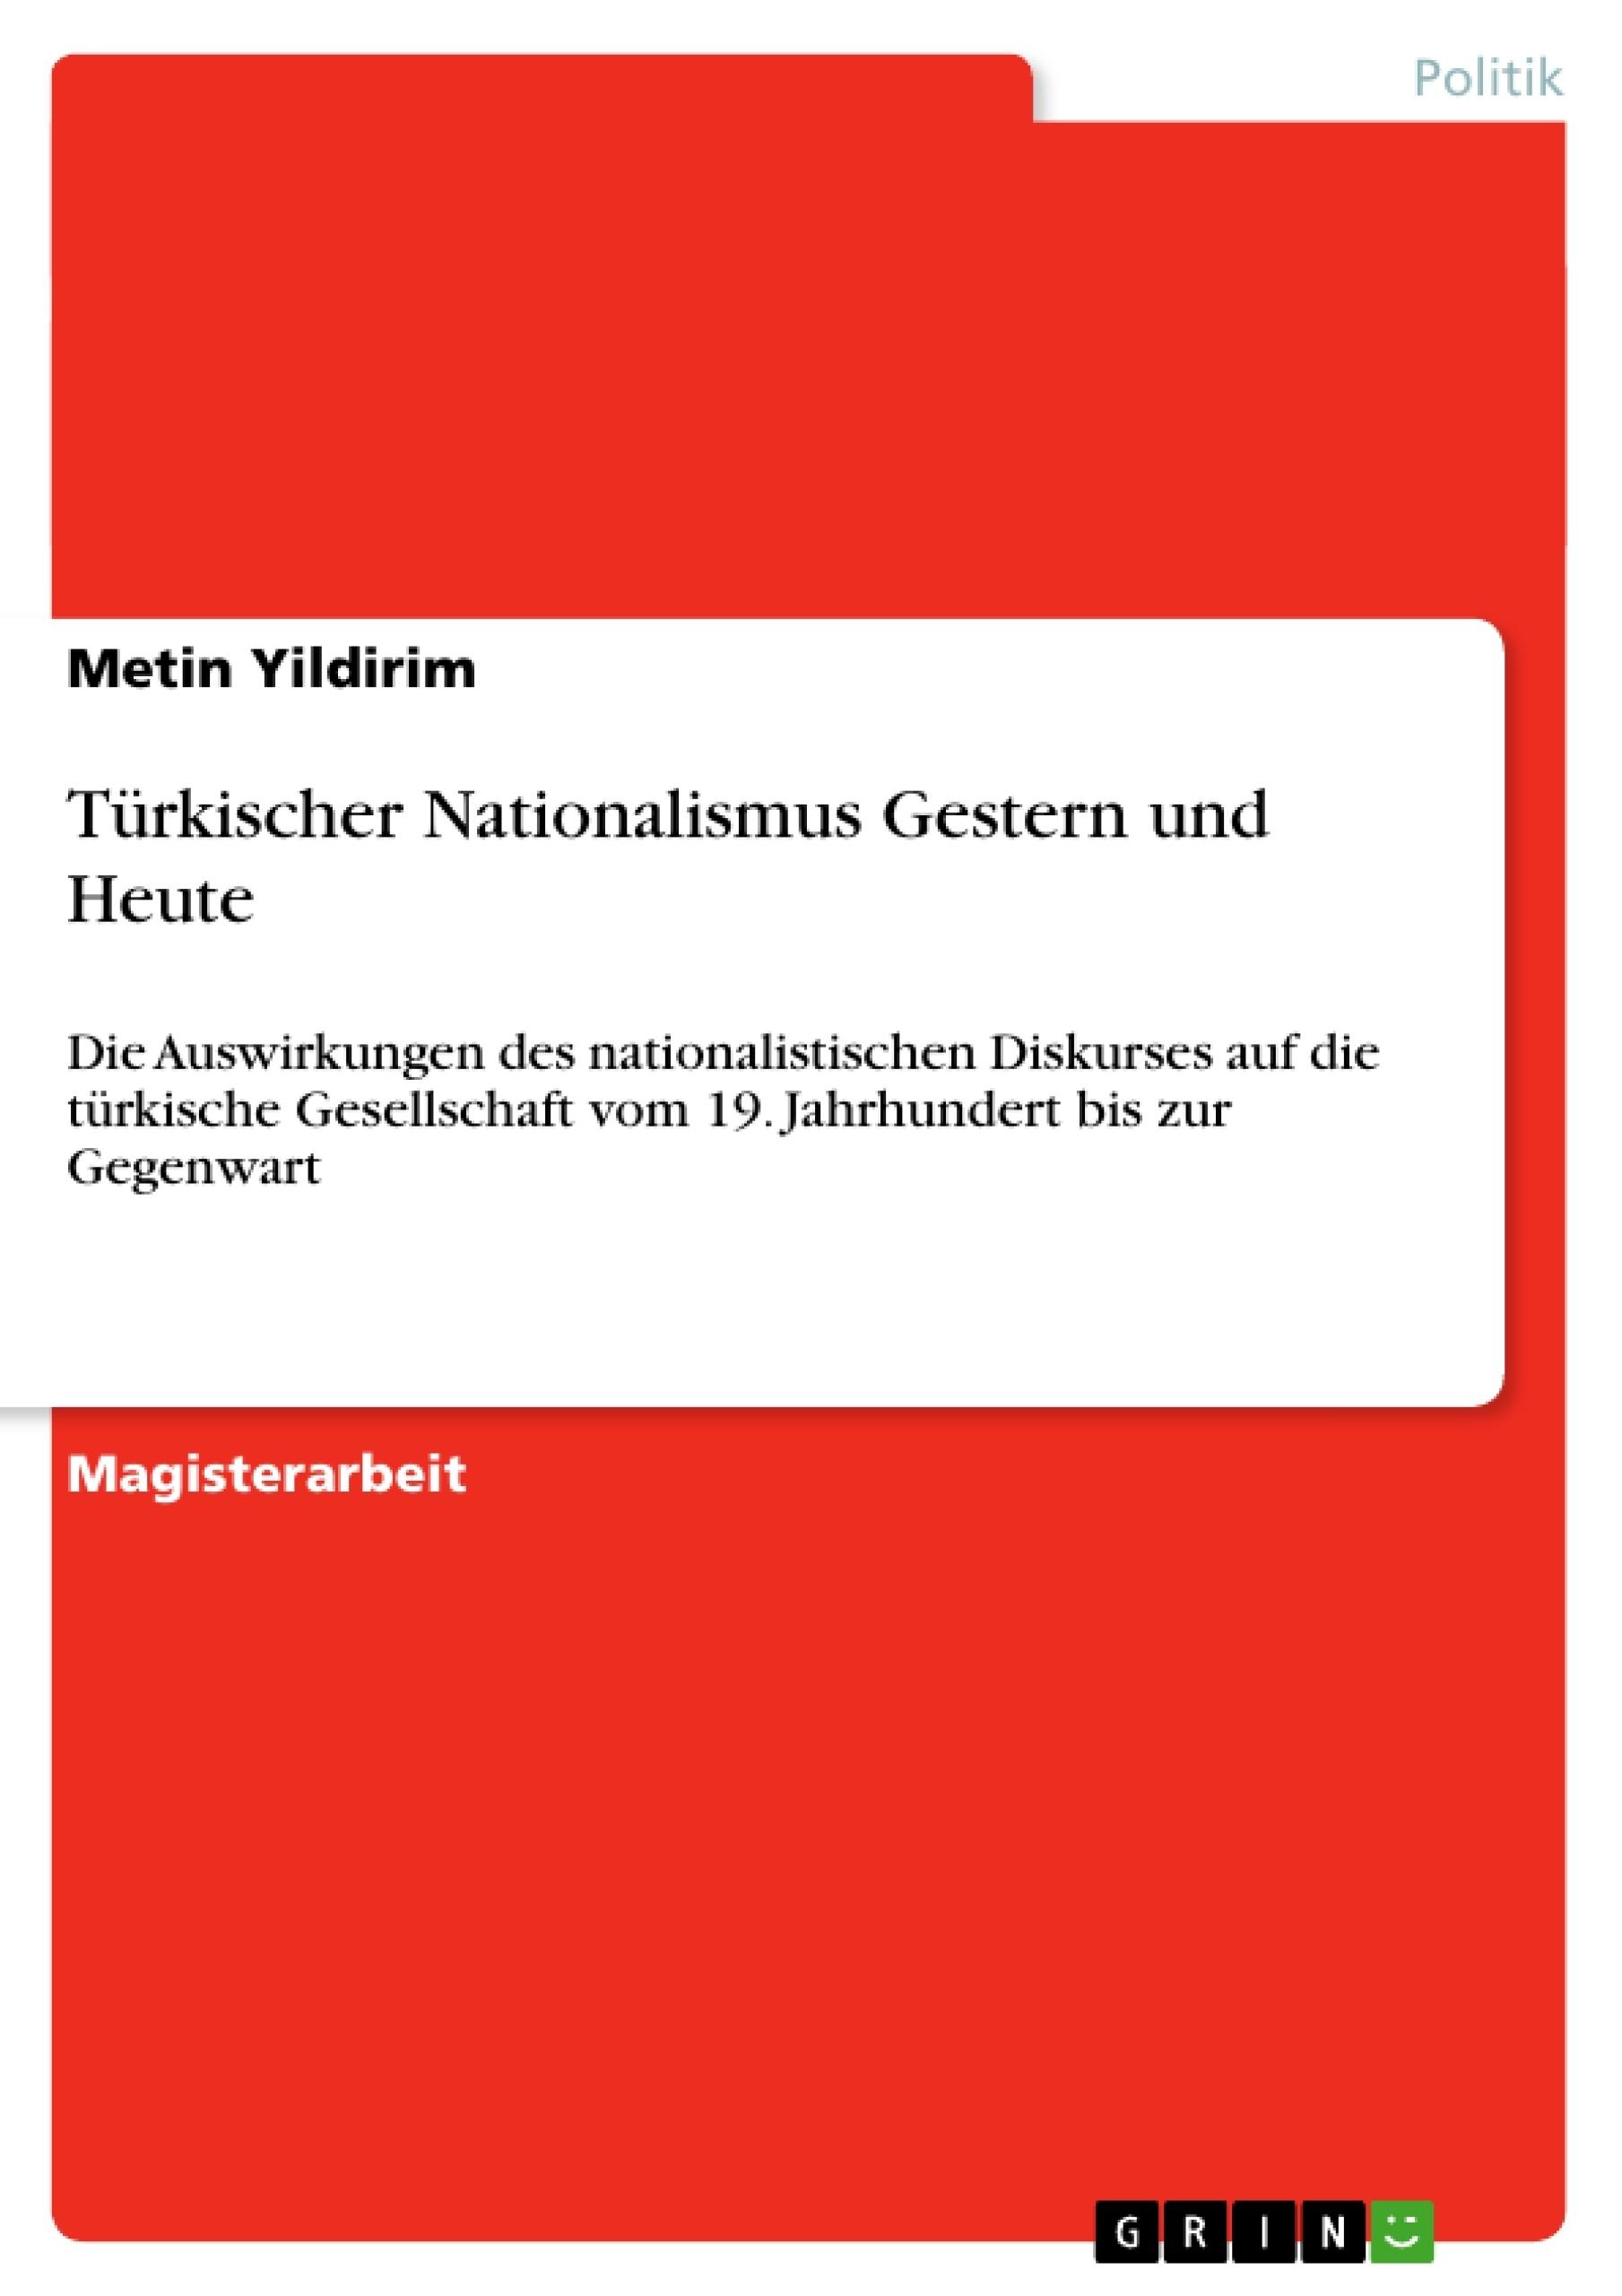 Titel: Türkischer Nationalismus Gestern und Heute